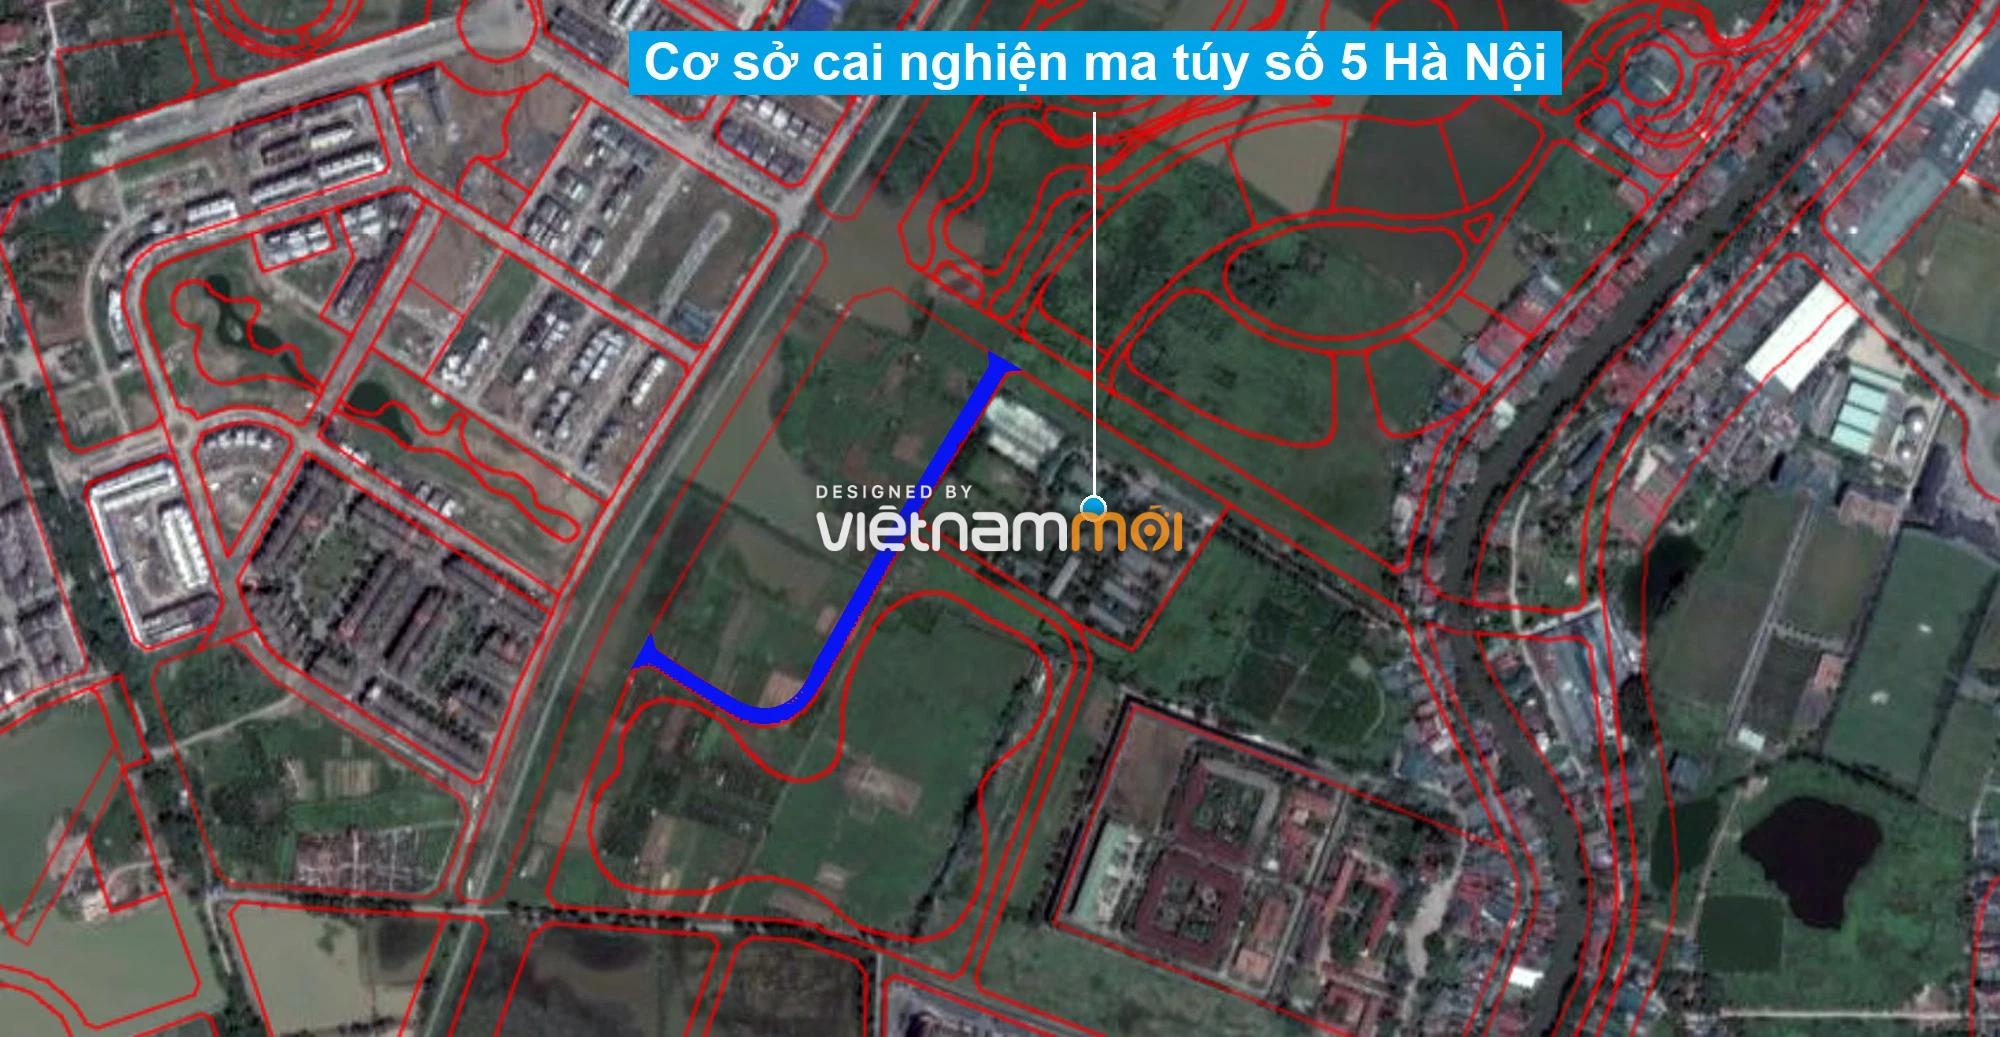 Những khu đất sắp thu hồi để mở đường ở phường Xuân Phương, Nam Từ Liêm, Hà Nội (phần 8) - Ảnh 2.